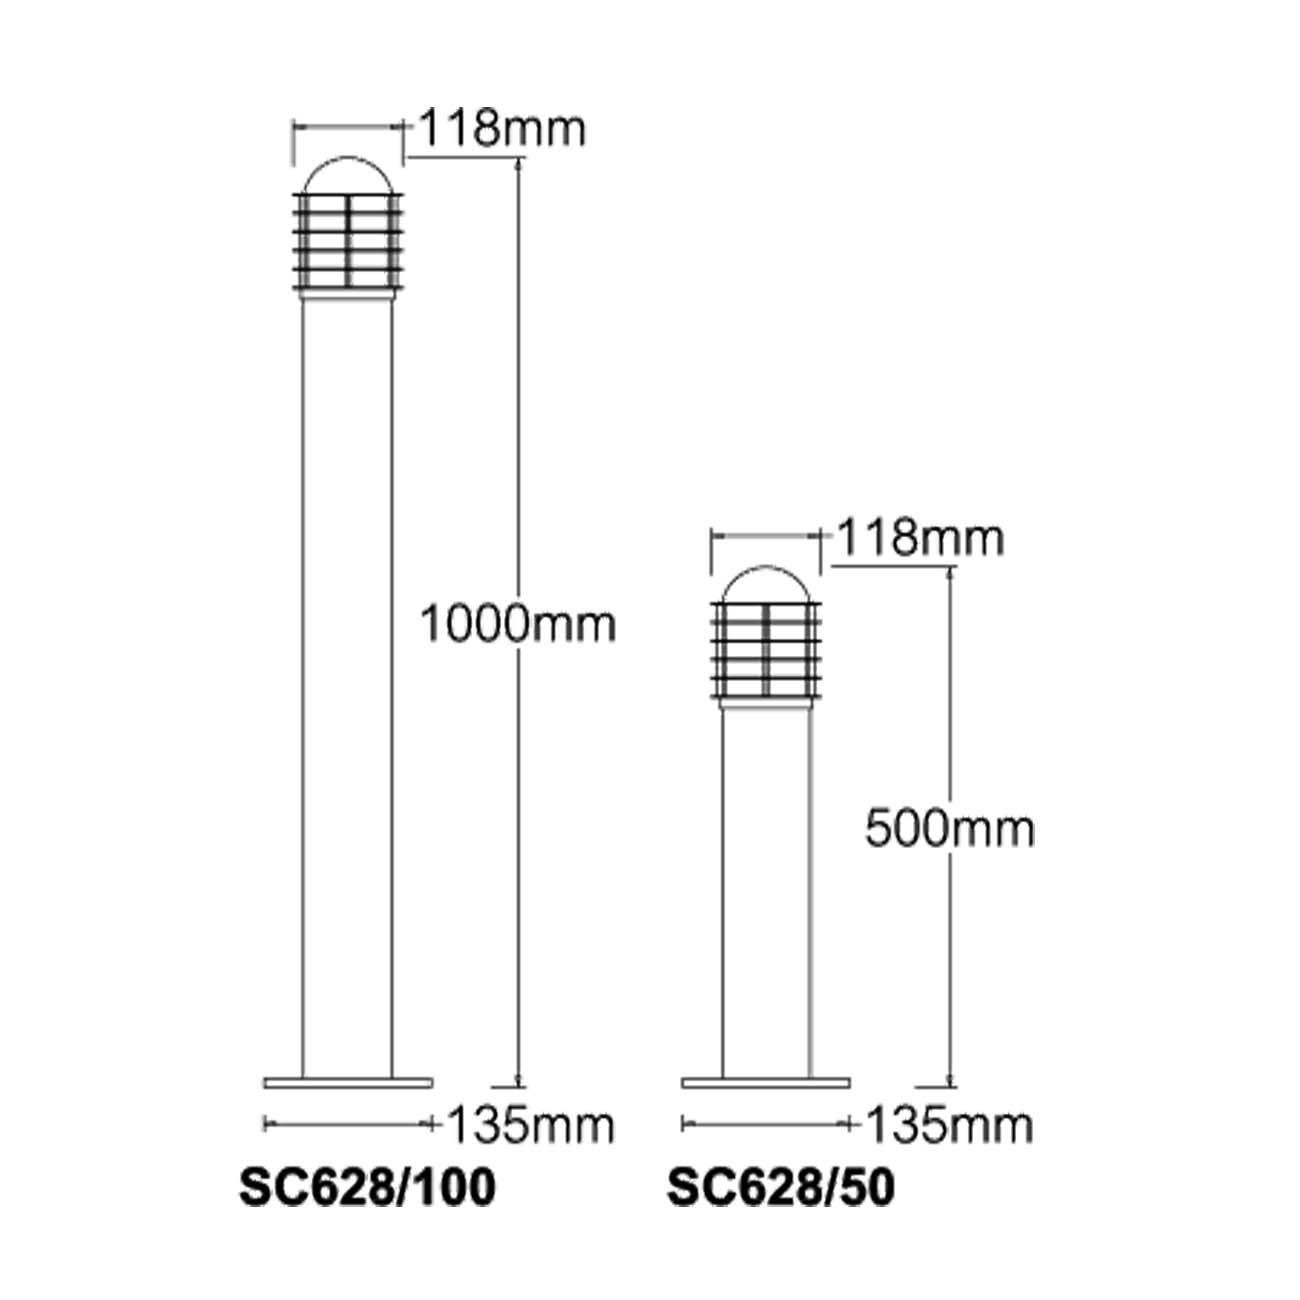 ตัวอย่างขนาดโคมไฟสนาม กรงนกช่องถี่